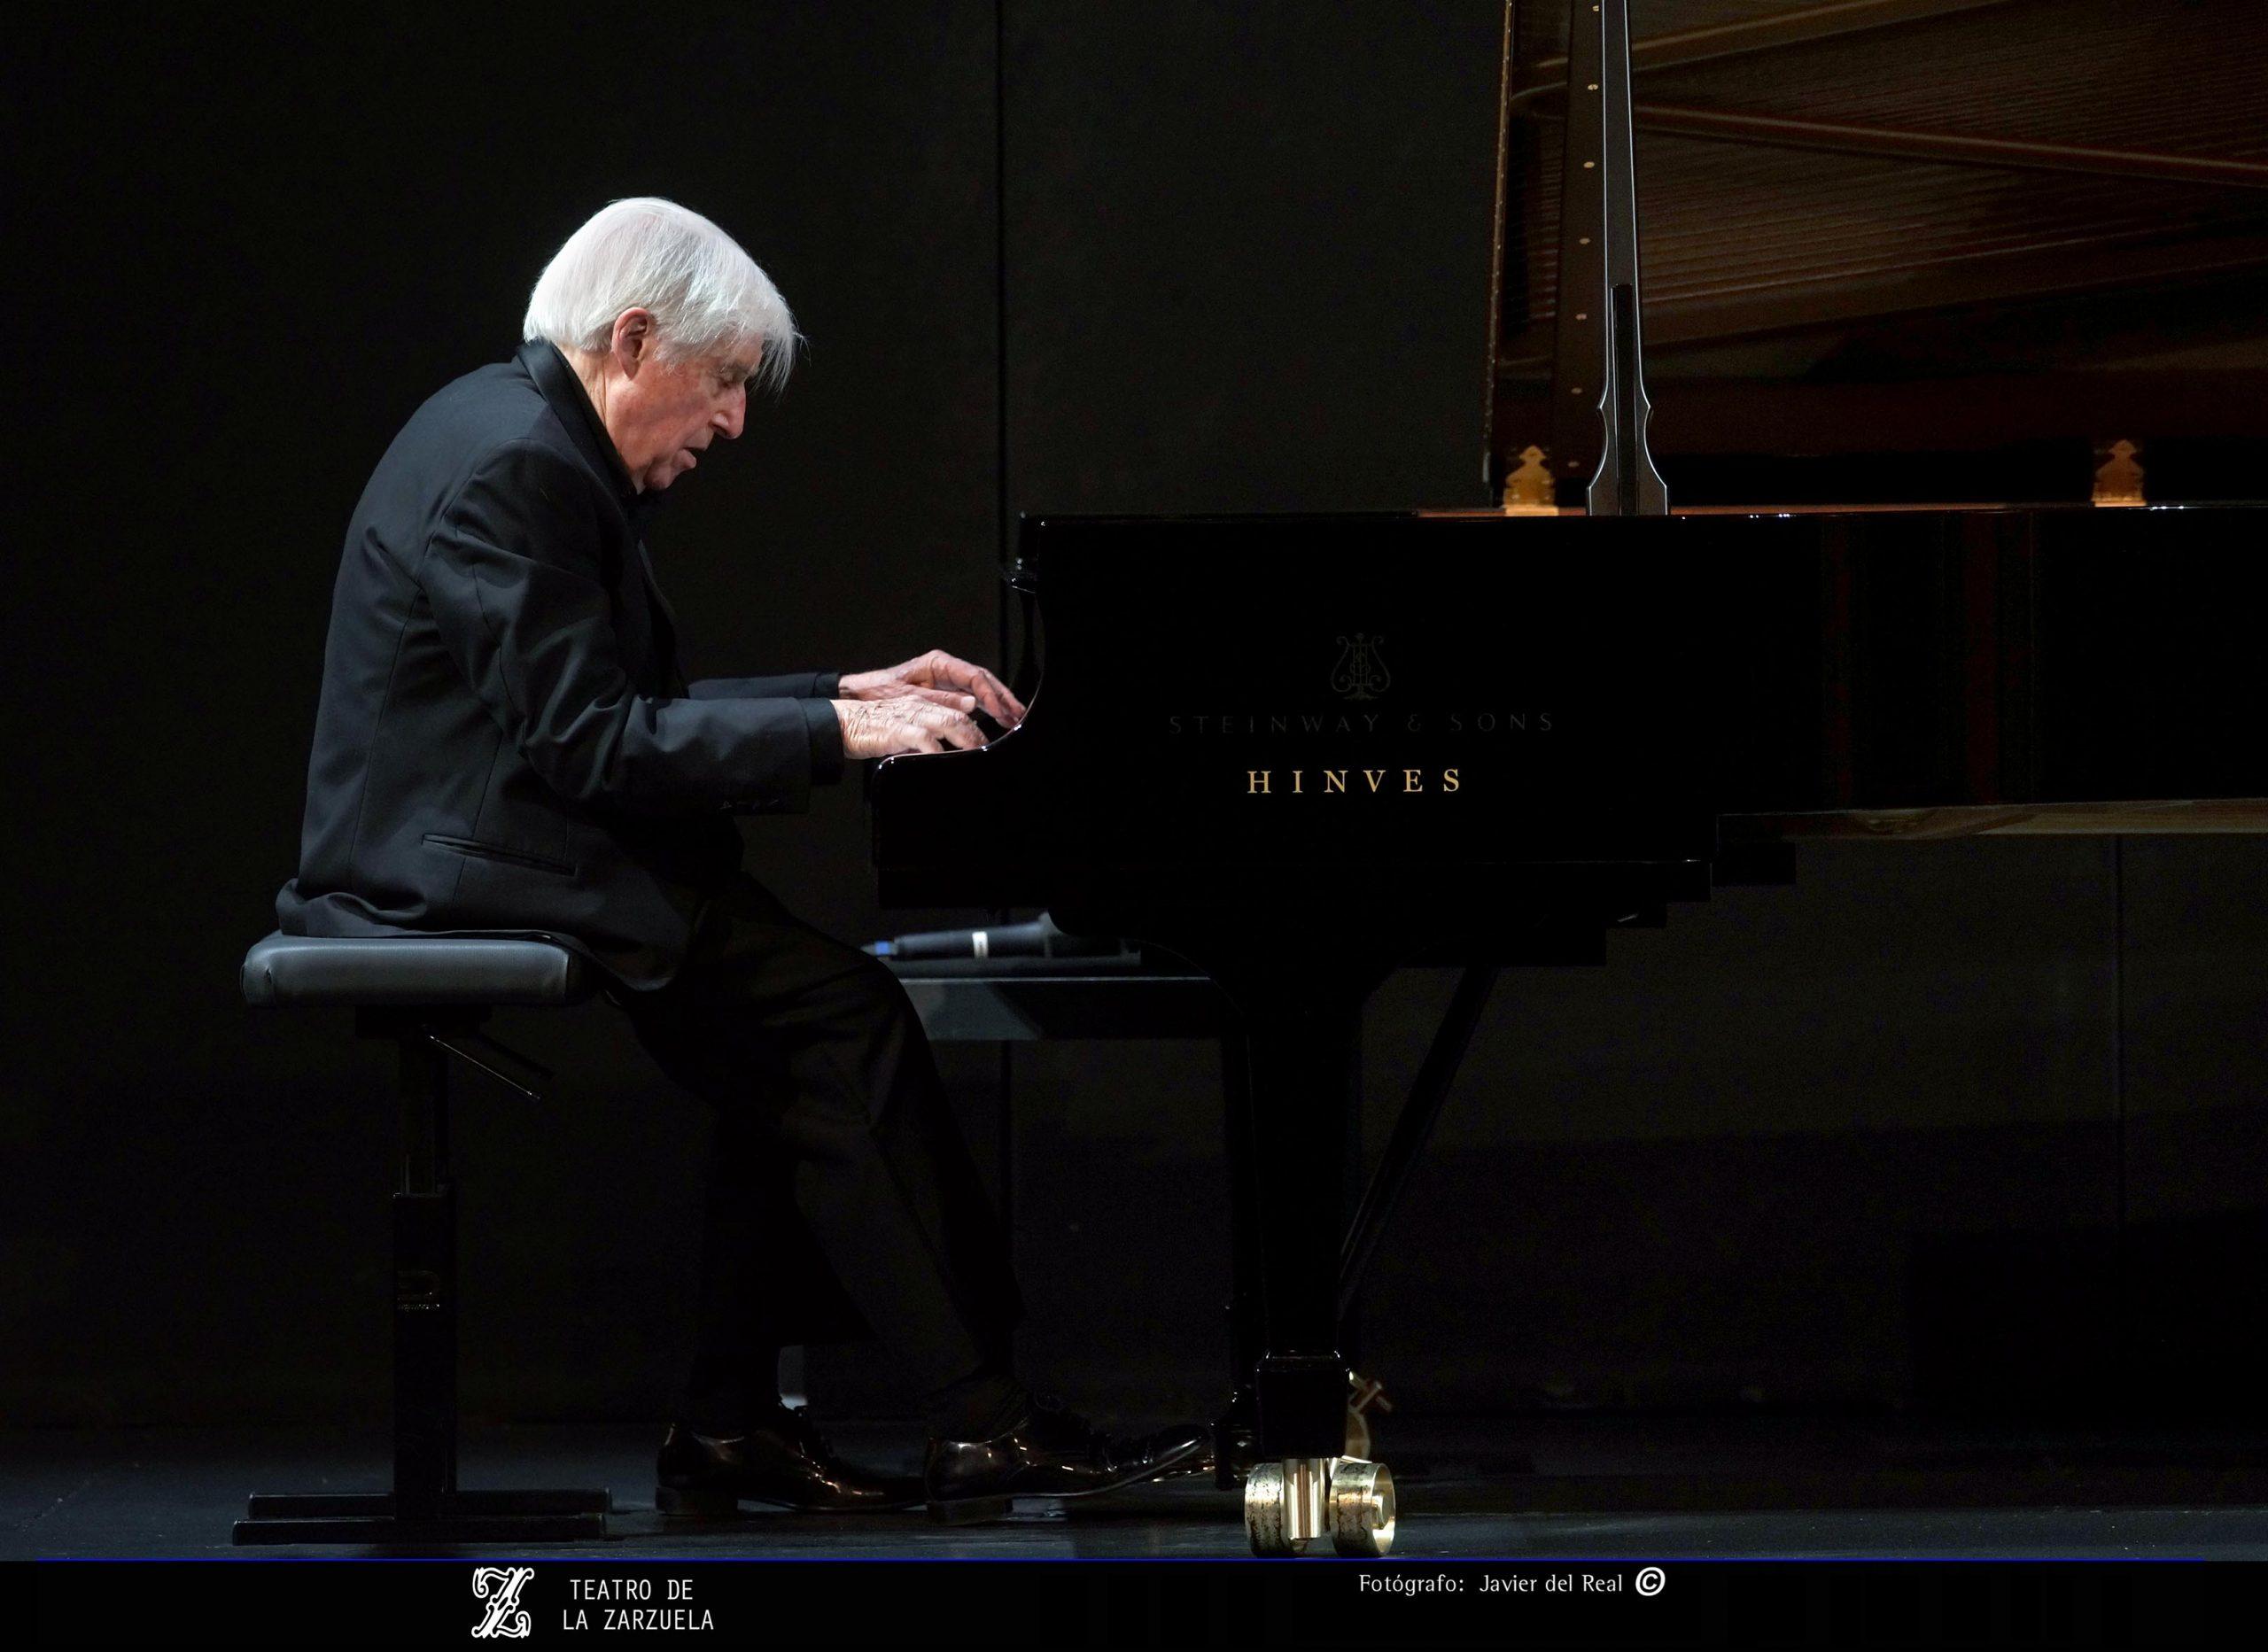 Achúcarro al piano, 75 años en los escenarios